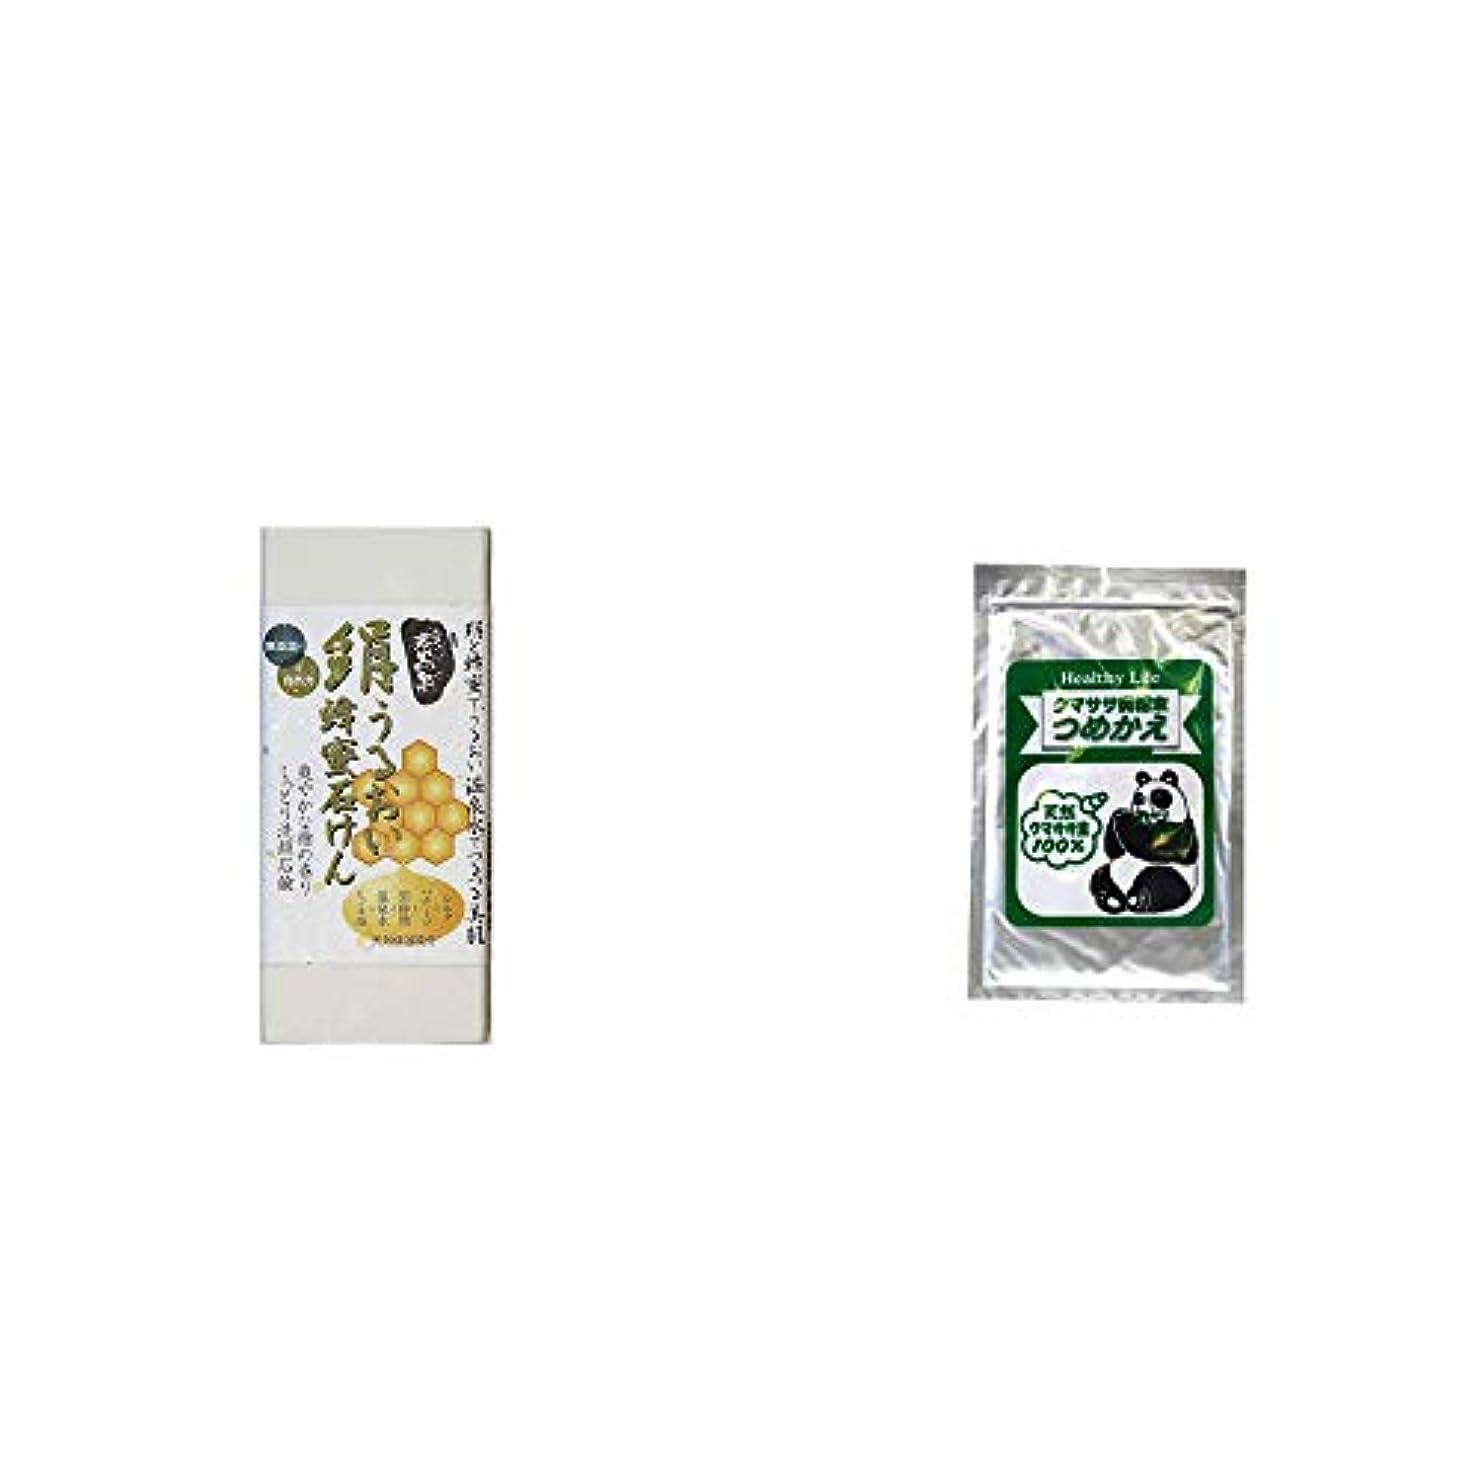 フラッシュのように素早くプレゼントメイエラ[2点セット] ひのき炭黒泉 絹うるおい蜂蜜石けん(75g×2)?木曽産 熊笹100% クマササ微粉末 詰め替え用 (60g)